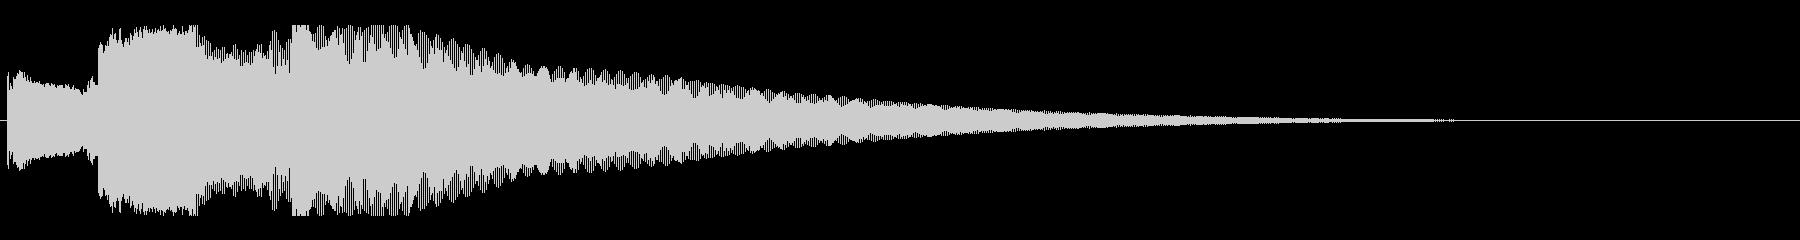 アナウンス後 チャイム-4_rev-2の未再生の波形